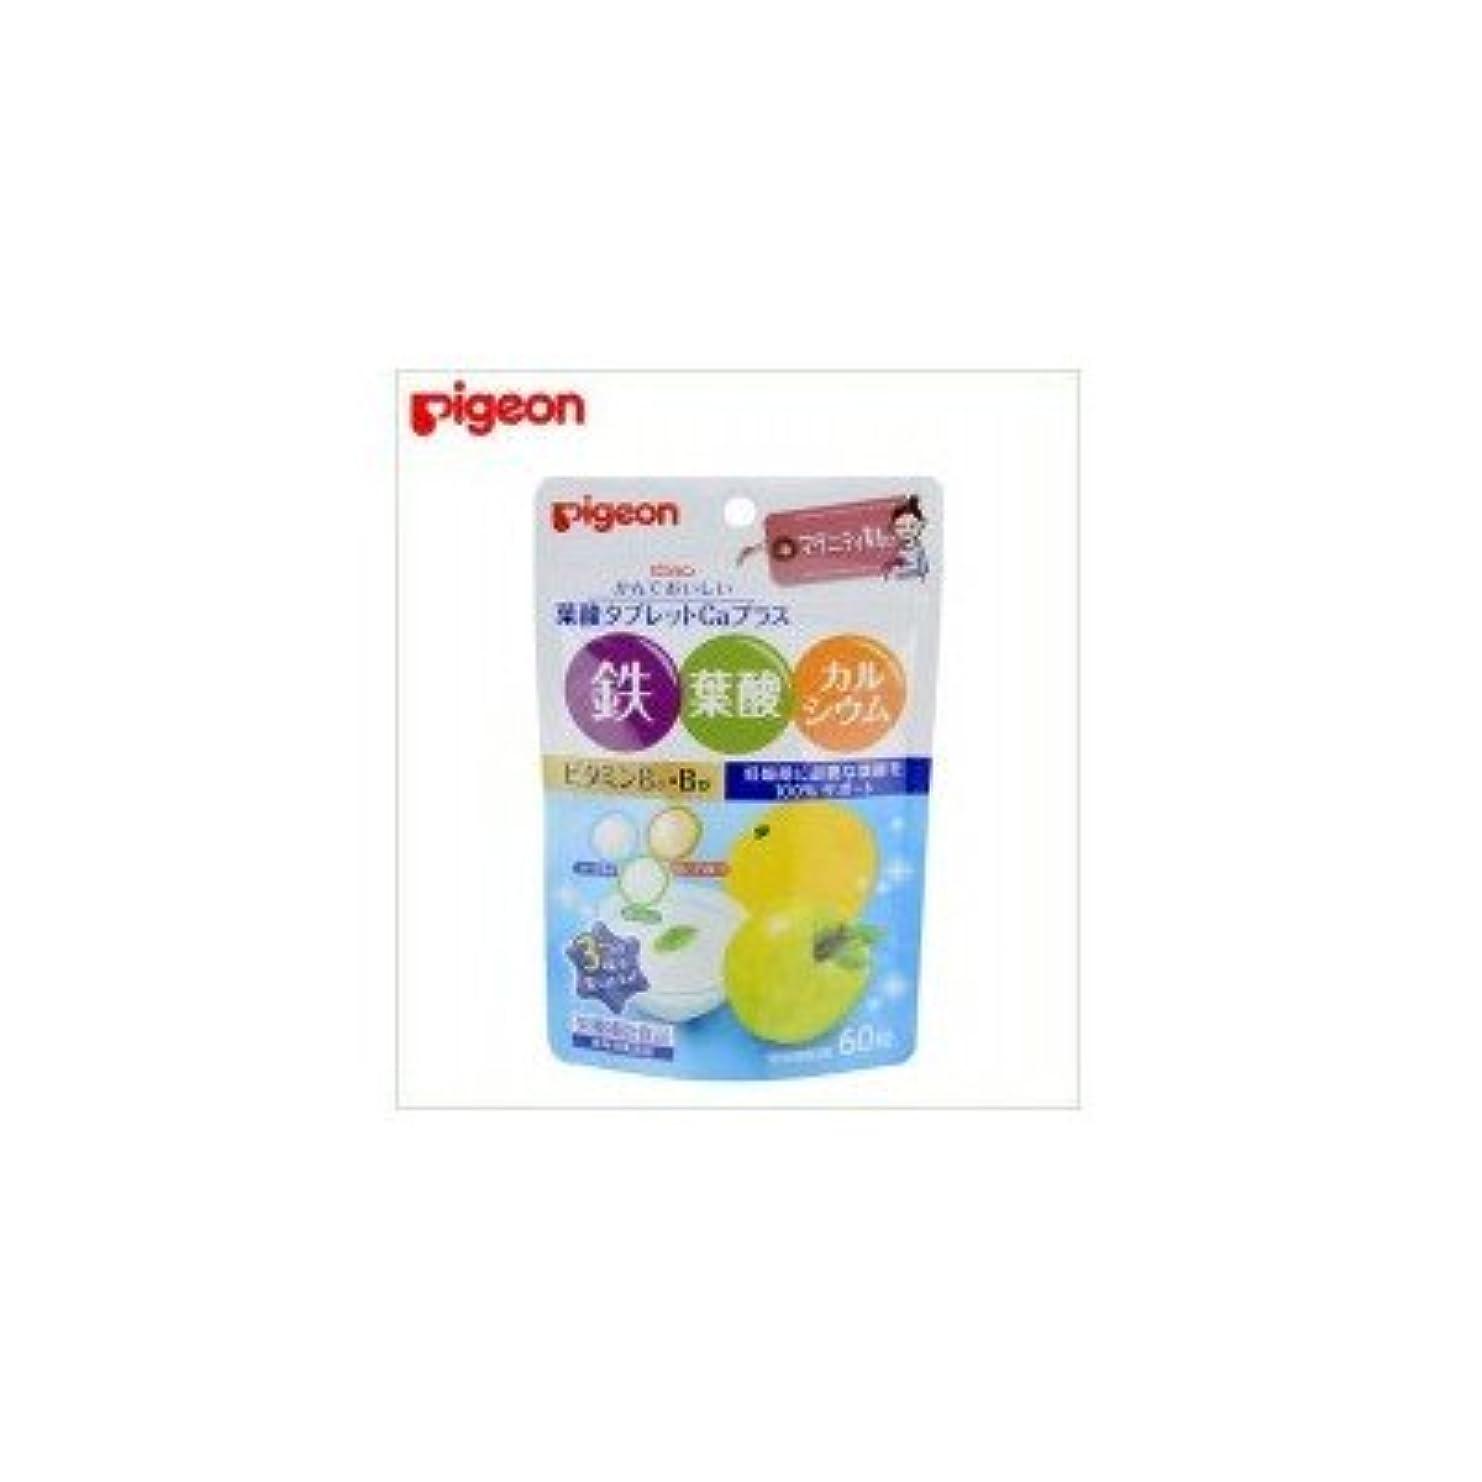 欠席ハグピカソPigeon(ピジョン) サプリメント 栄養補助食品 かんでおいしい葉酸タブレット Caプラス 60粒 20446